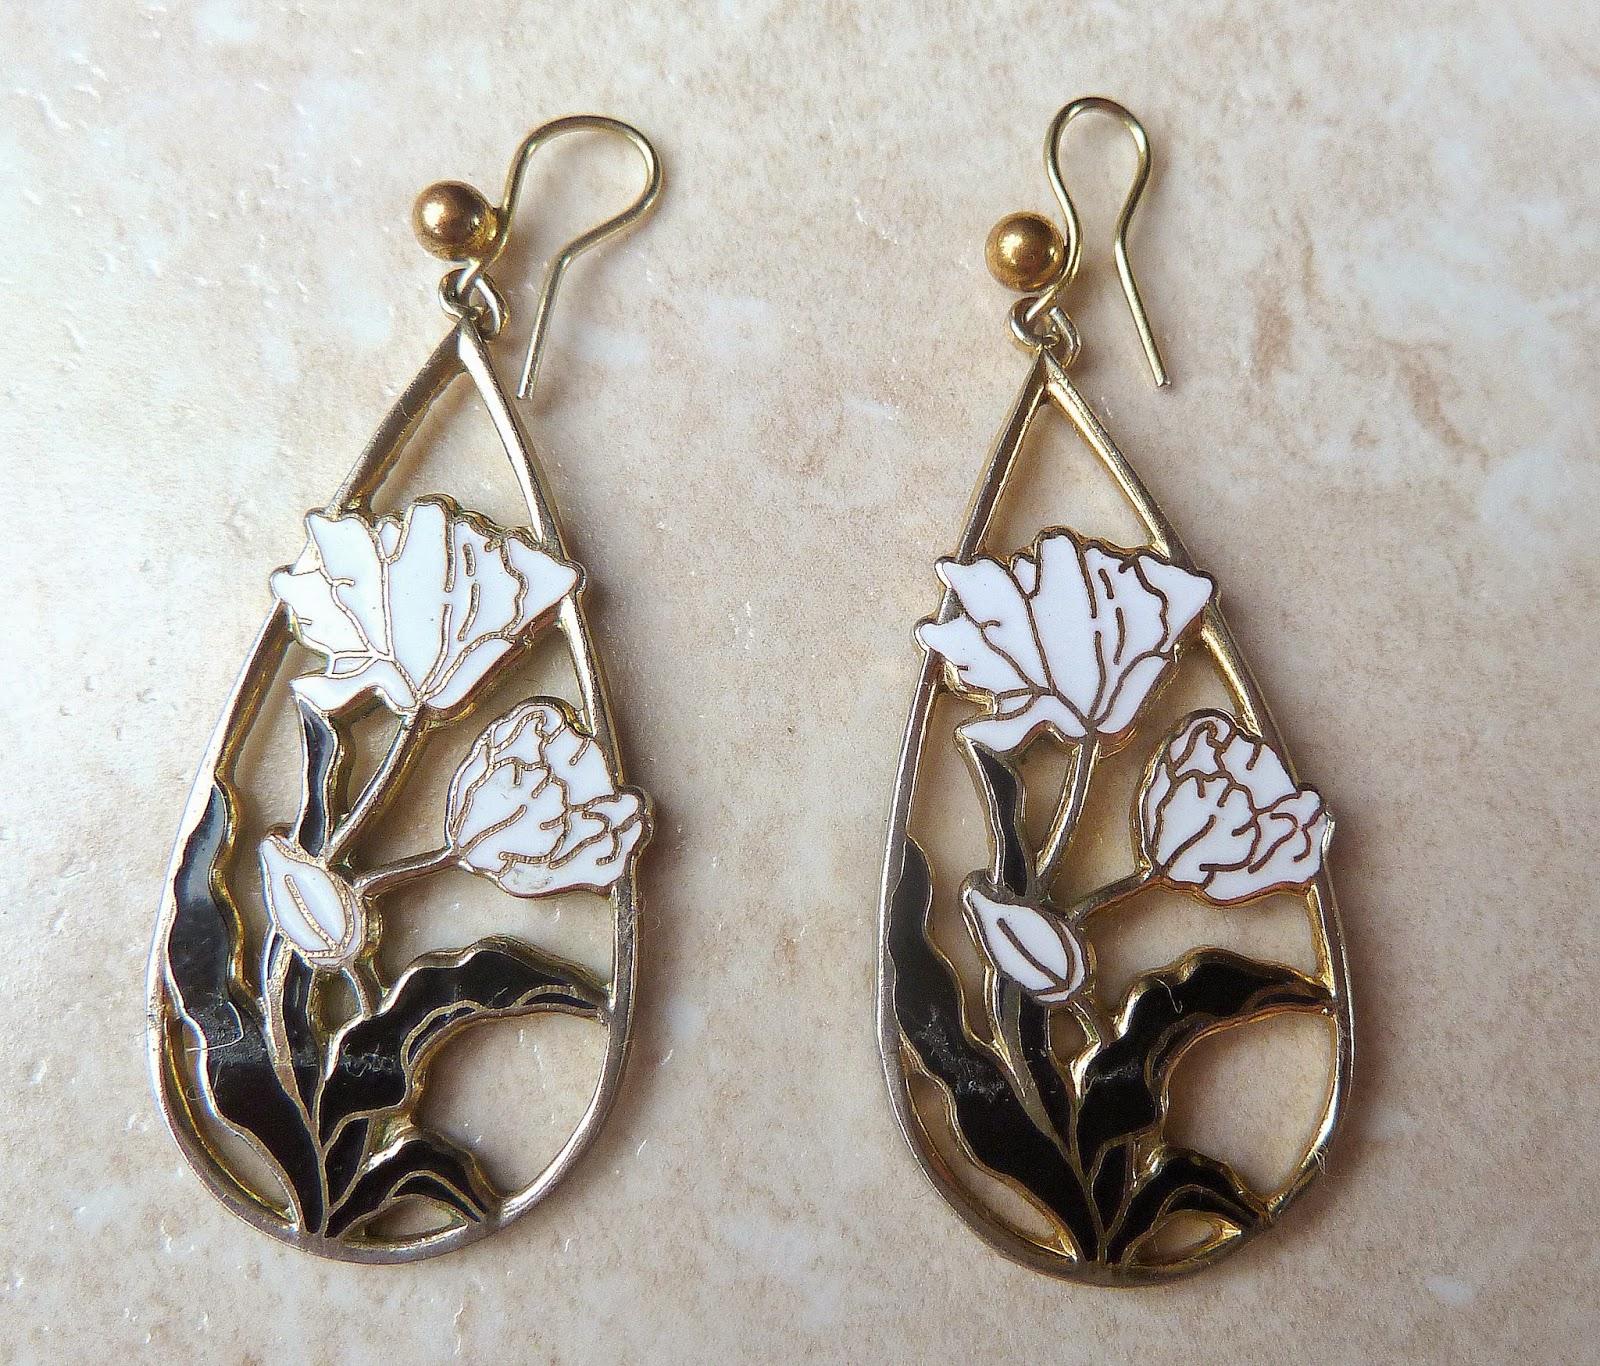 http://www.kcavintagegems.uk/vintage-white-flower-drop-cloisonne-enamel-earrings-373-p.asp